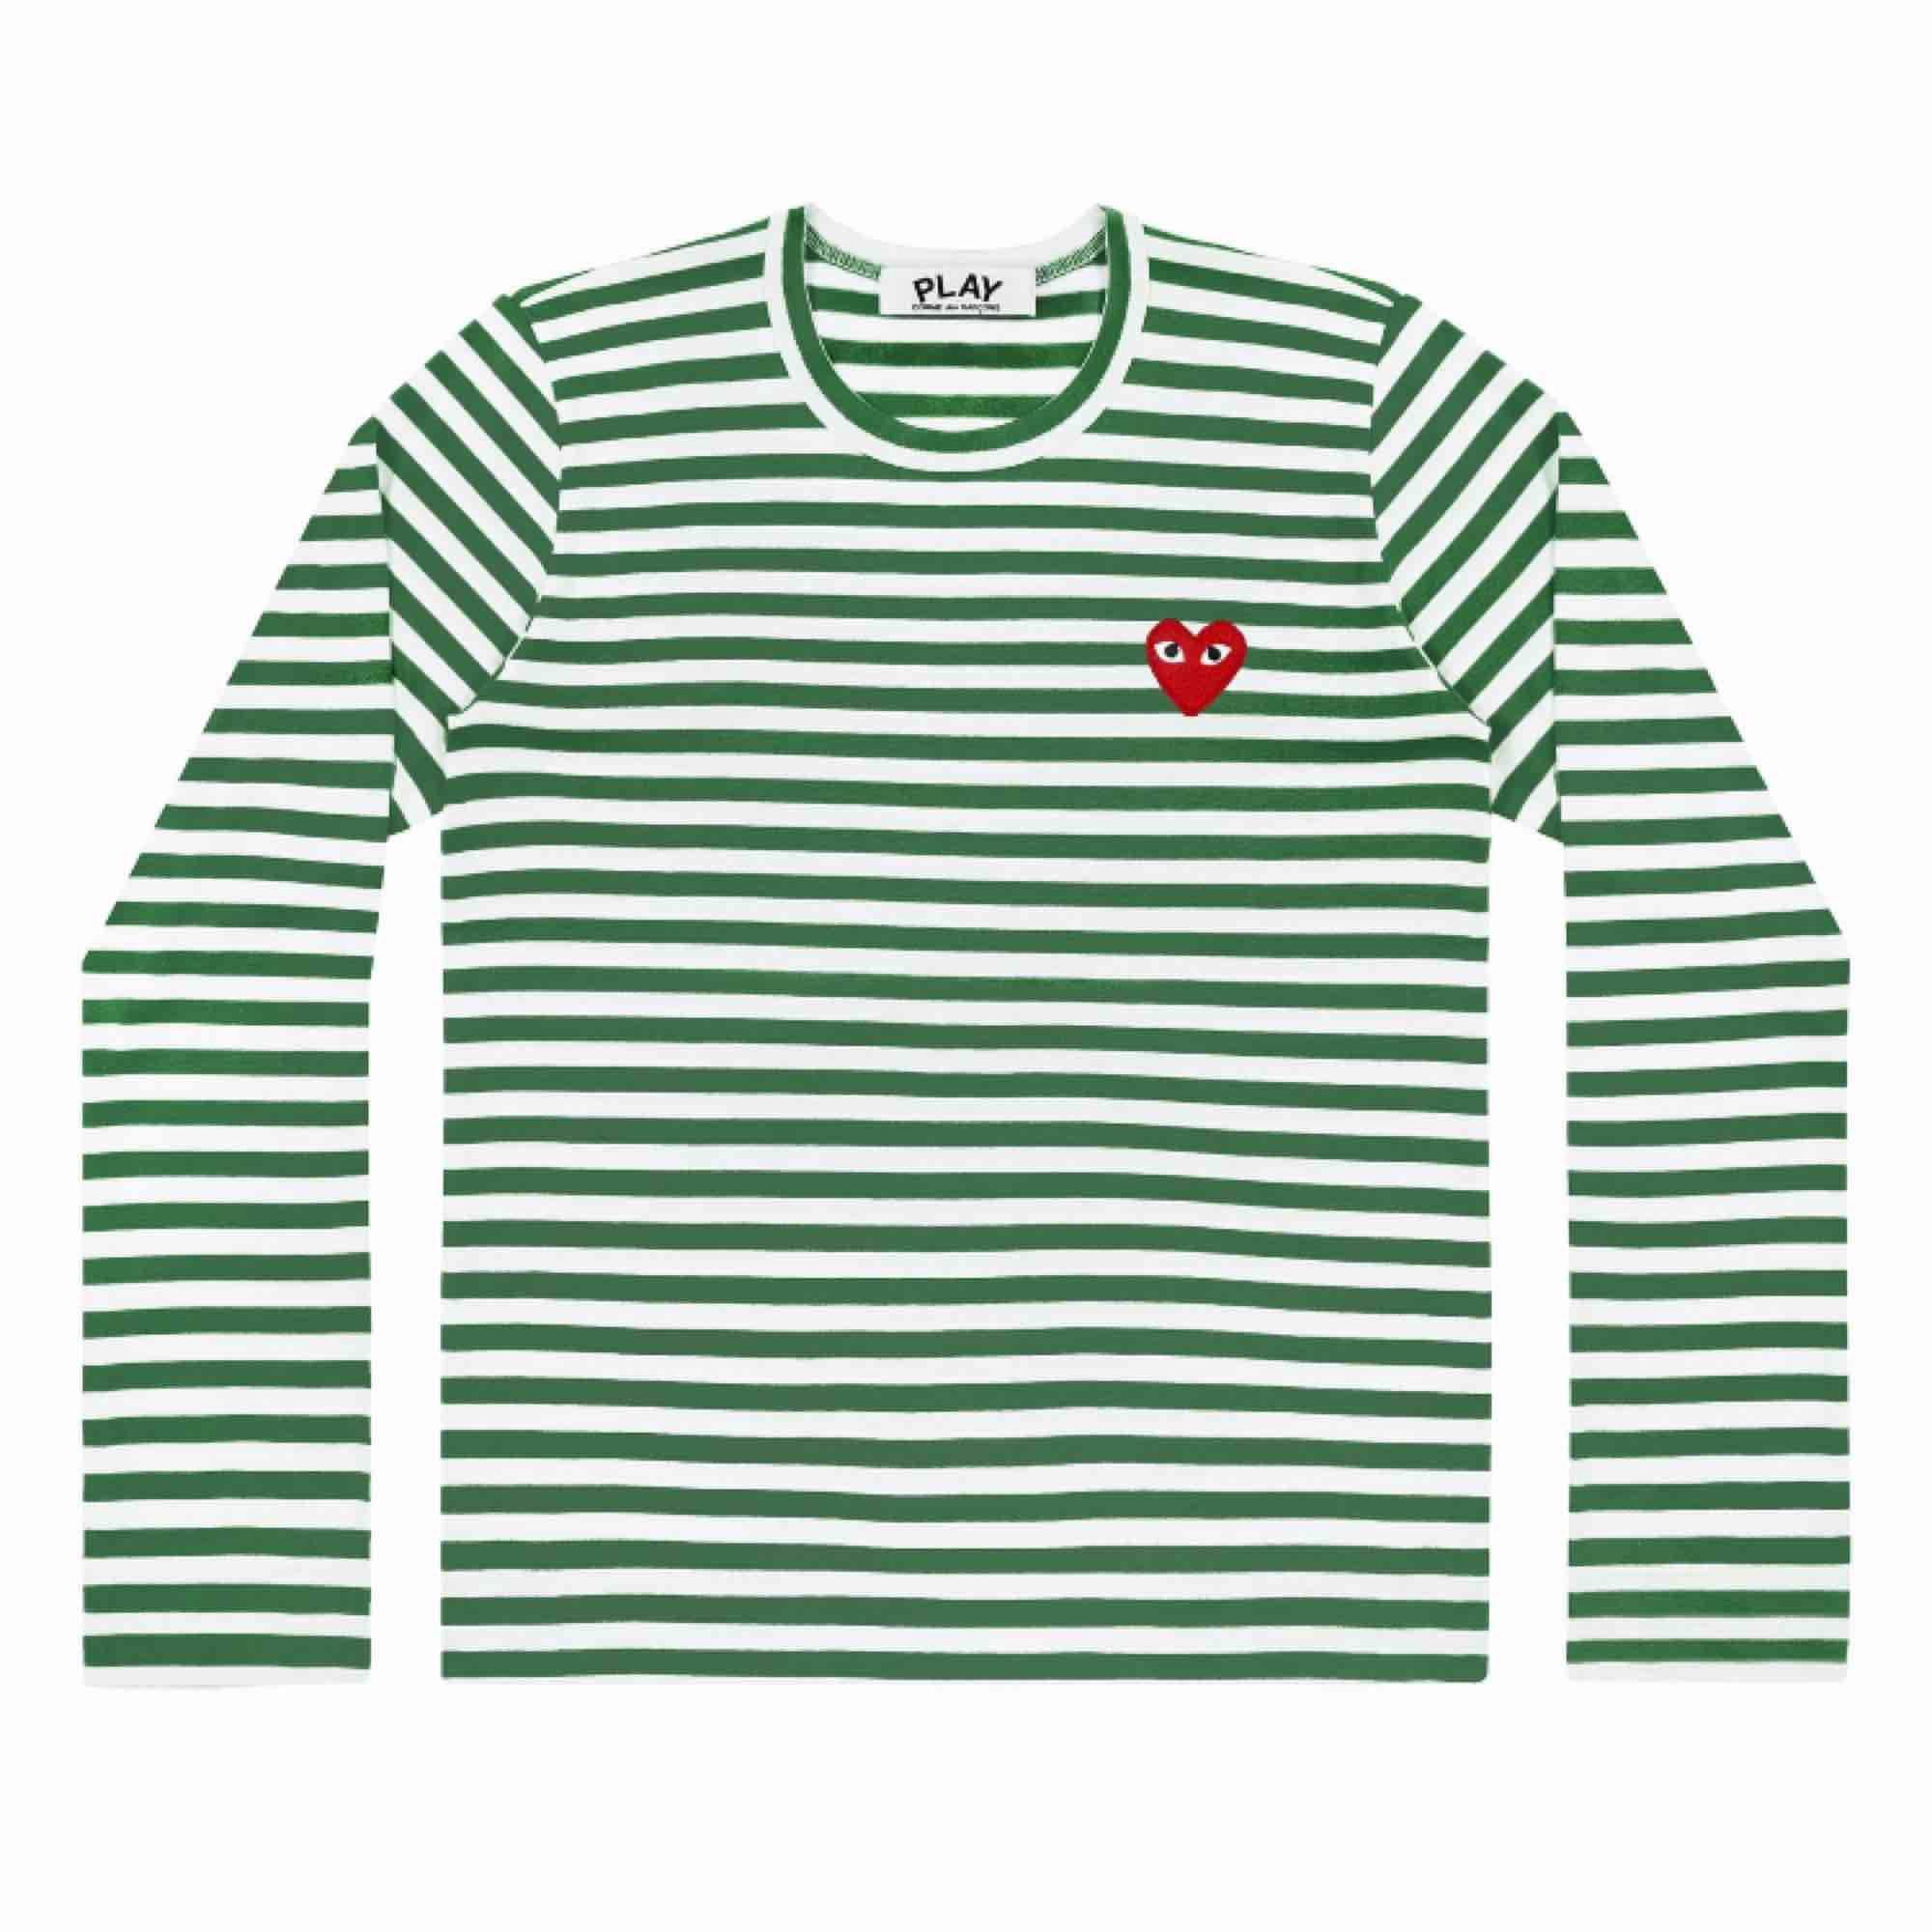 Tänkte sälja min jätte fina och sköna COMME des GARCONS tröja. DEN ÄR ÄKTA! Köpt på DSML. Storlek M men skulle säga att den passar allt från M nedåt men att den bäst passar S och kan vara lite per sized på XS (vilken är snyggt).Den är i 10/10 skick. ❤️👀. Tröjor & Koftor.